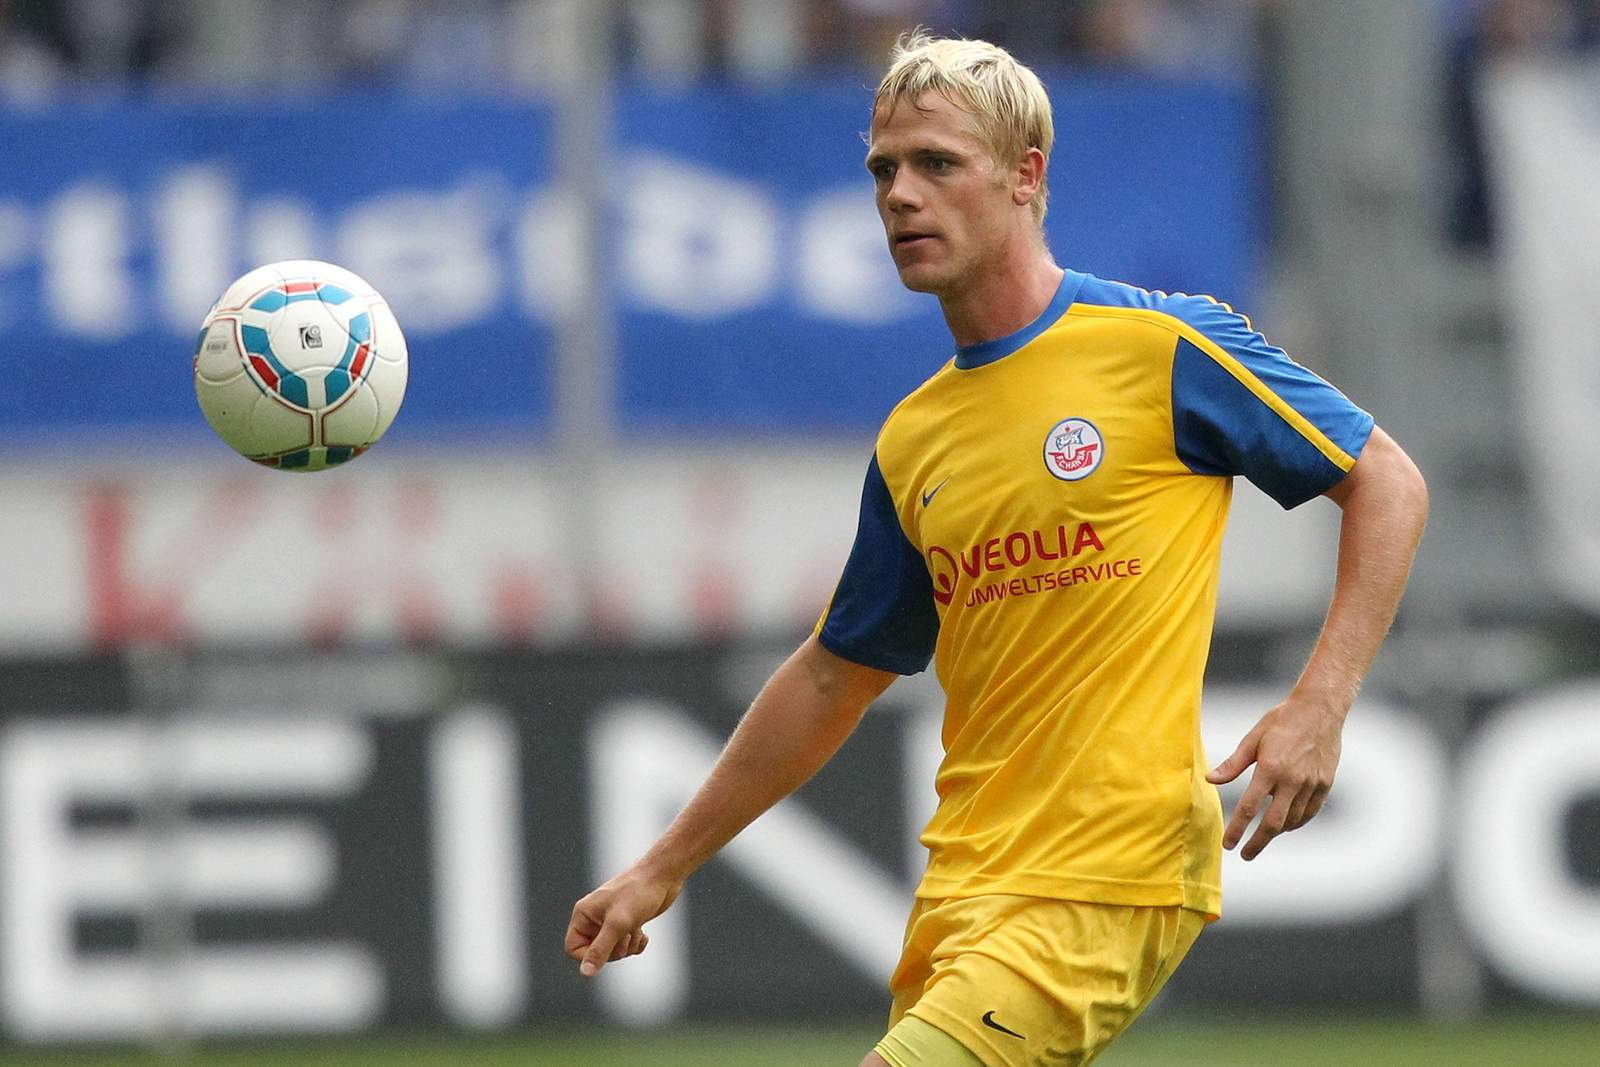 Michael Wiemann von Hansa Rostock in Spiel der 2.Bundesliga